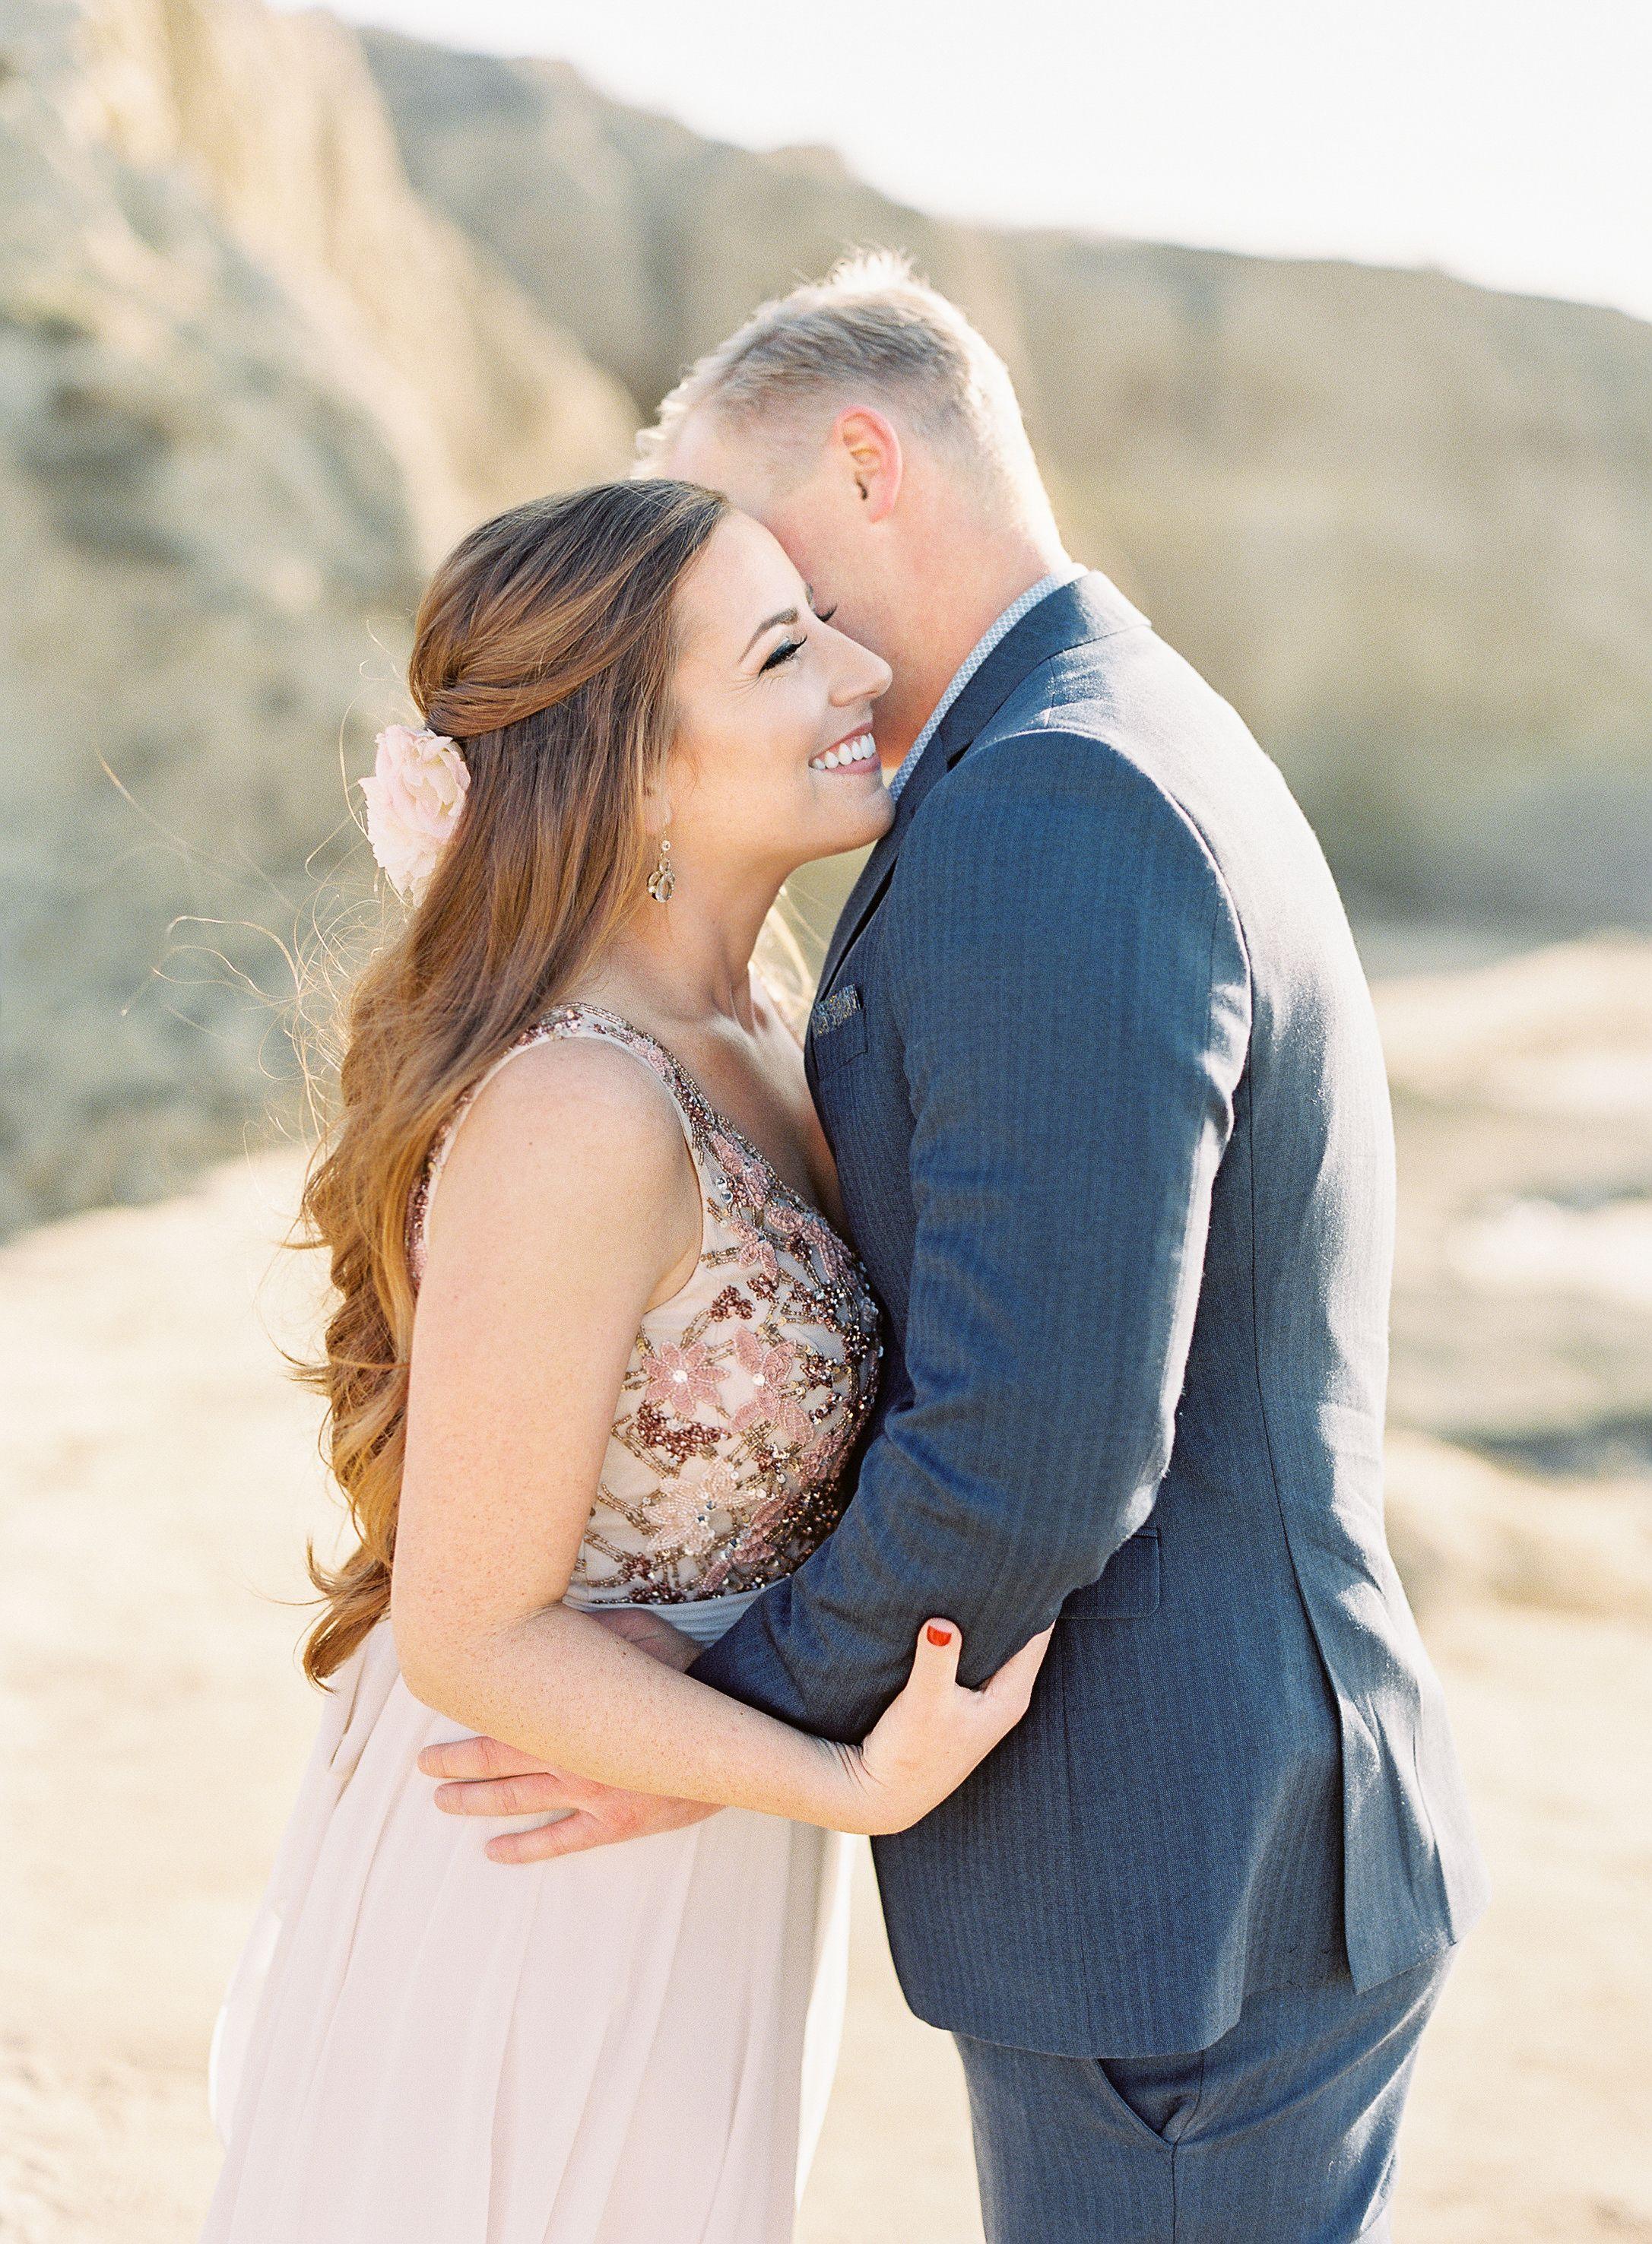 Sunset Cliffs Engagement Shoot San Diego - Dear Lovers Fine